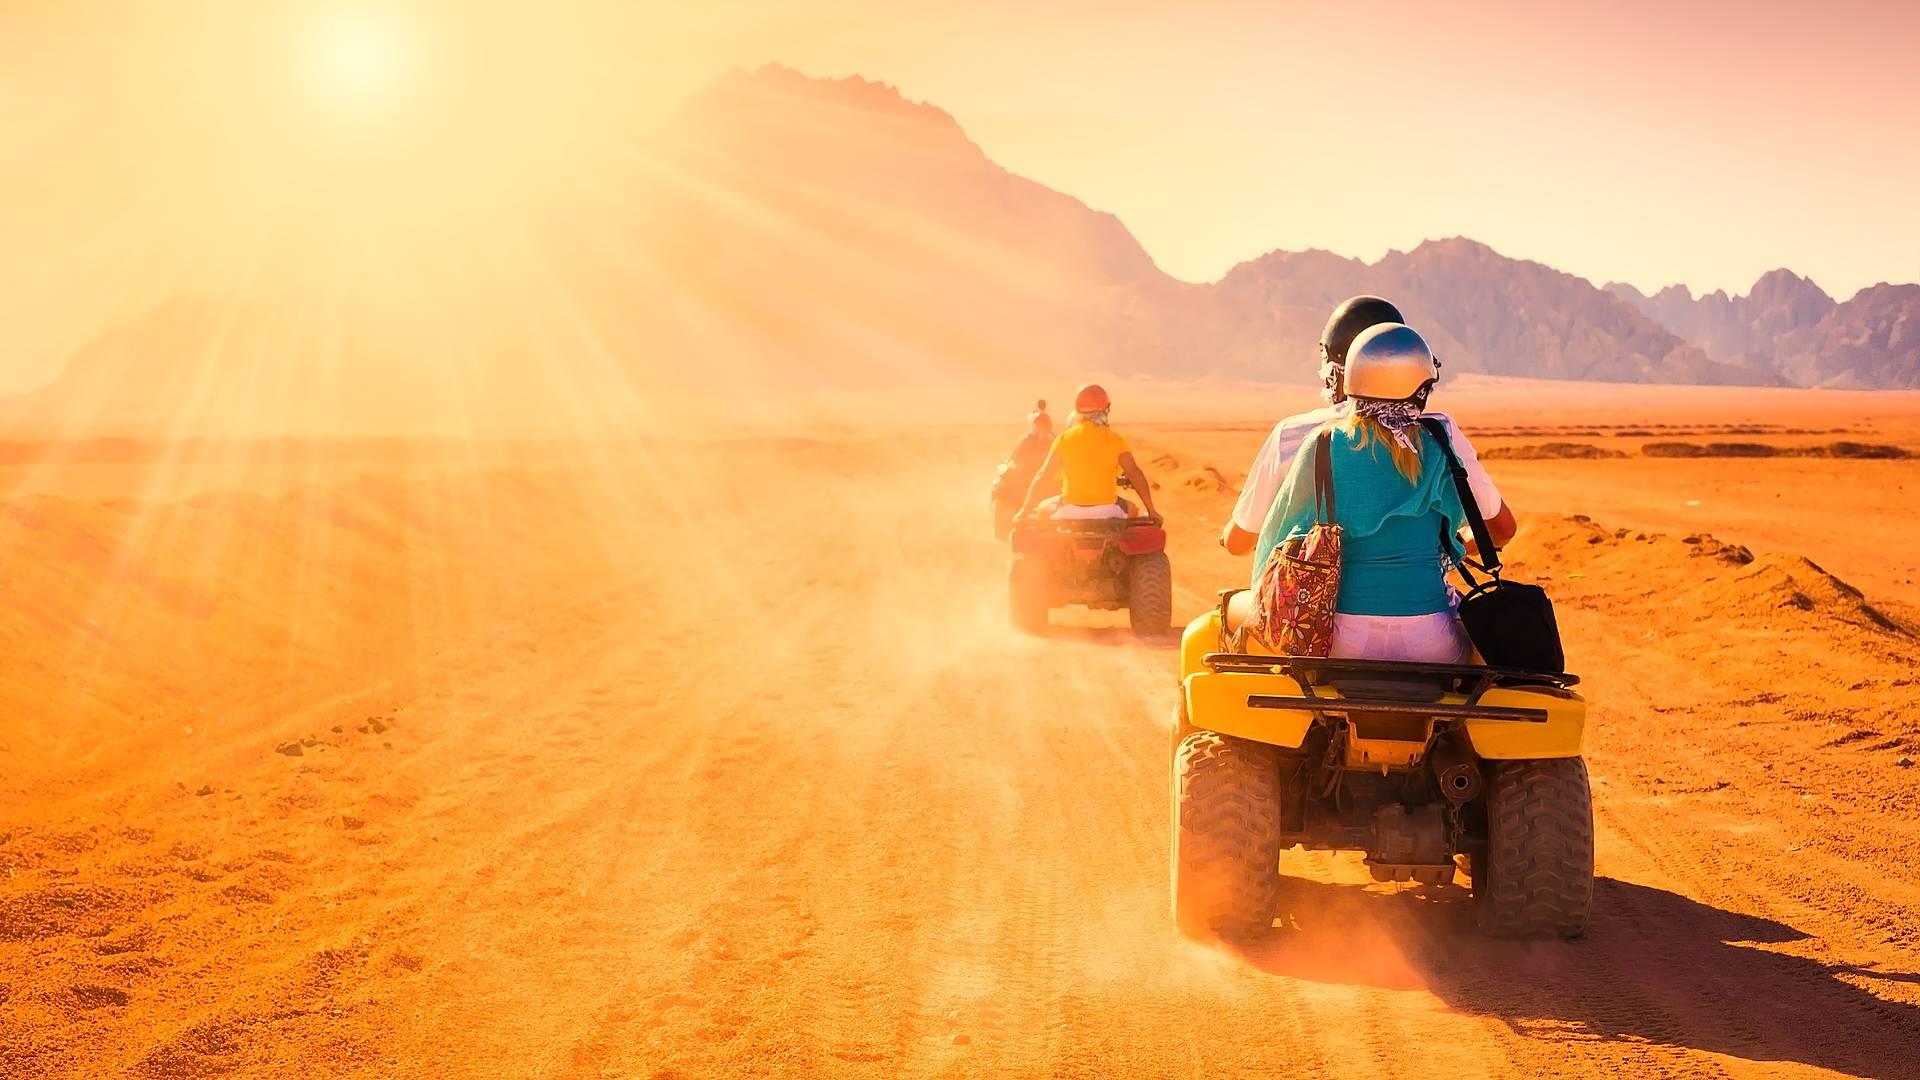 Aventura en quads por el Palmeral y Desierto de Marrakech